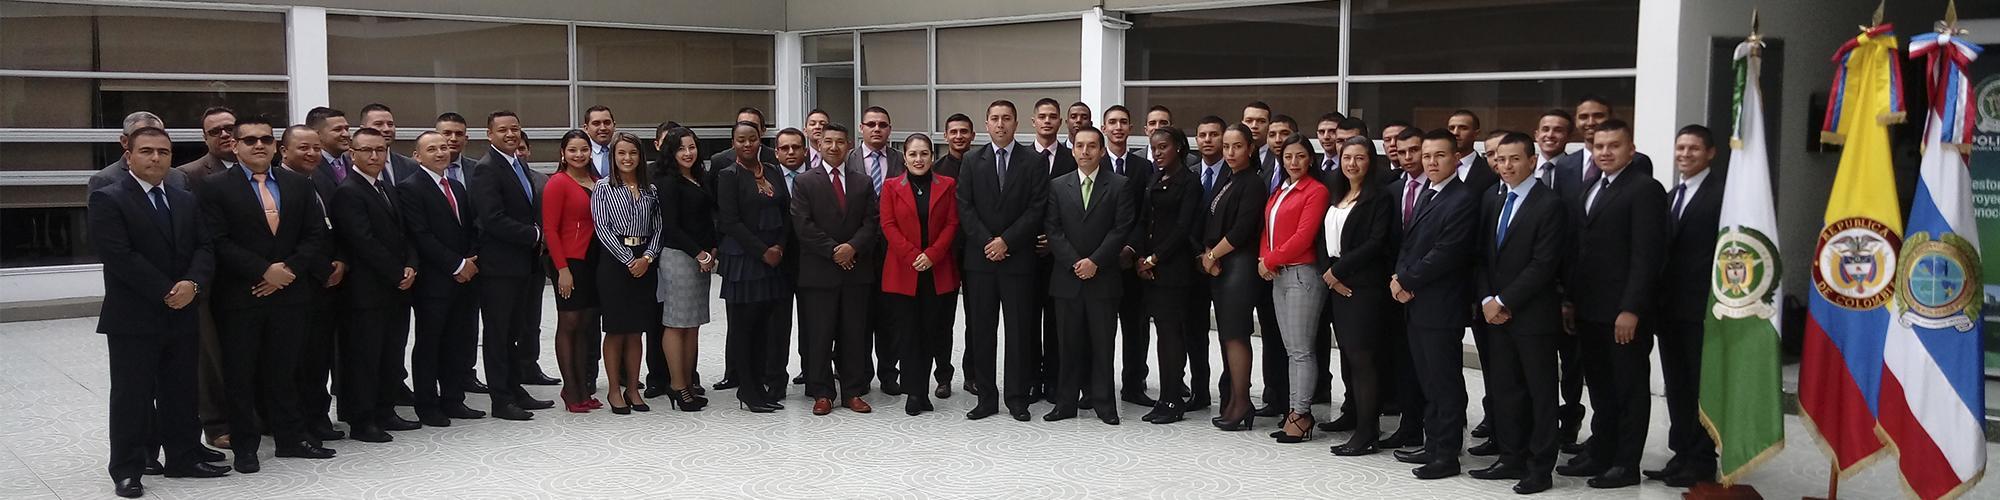 """Escuela de Inteligencia y Contrainteligencia """"Teniente Coronel Javier Antonio Uribe Uribe"""" - ESCIC"""